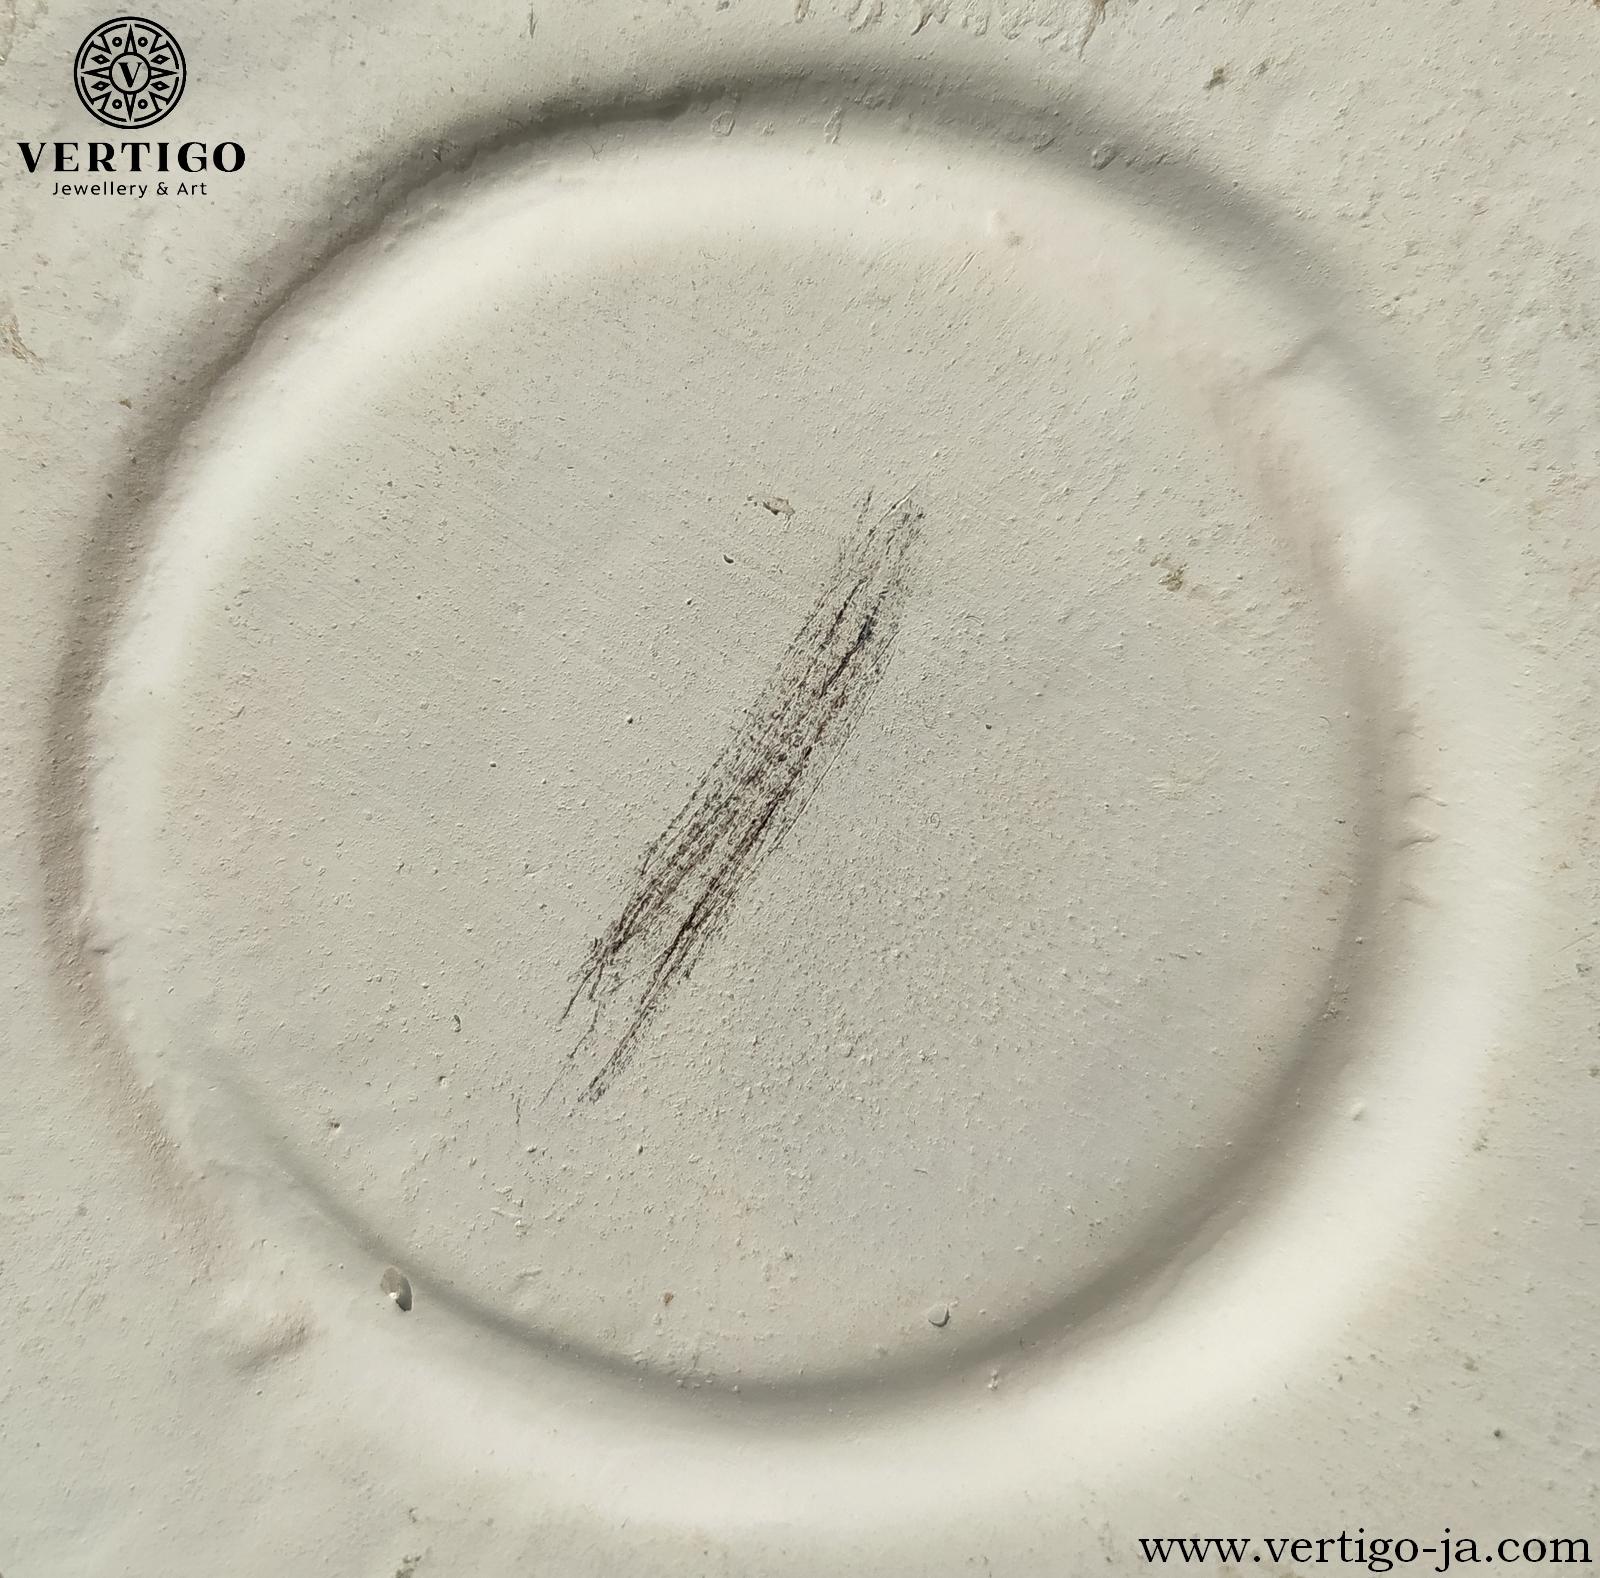 Rysa pirytu na nieszkliwionej porcelanie - piryt ma od czarną lub zielonkawoczarną